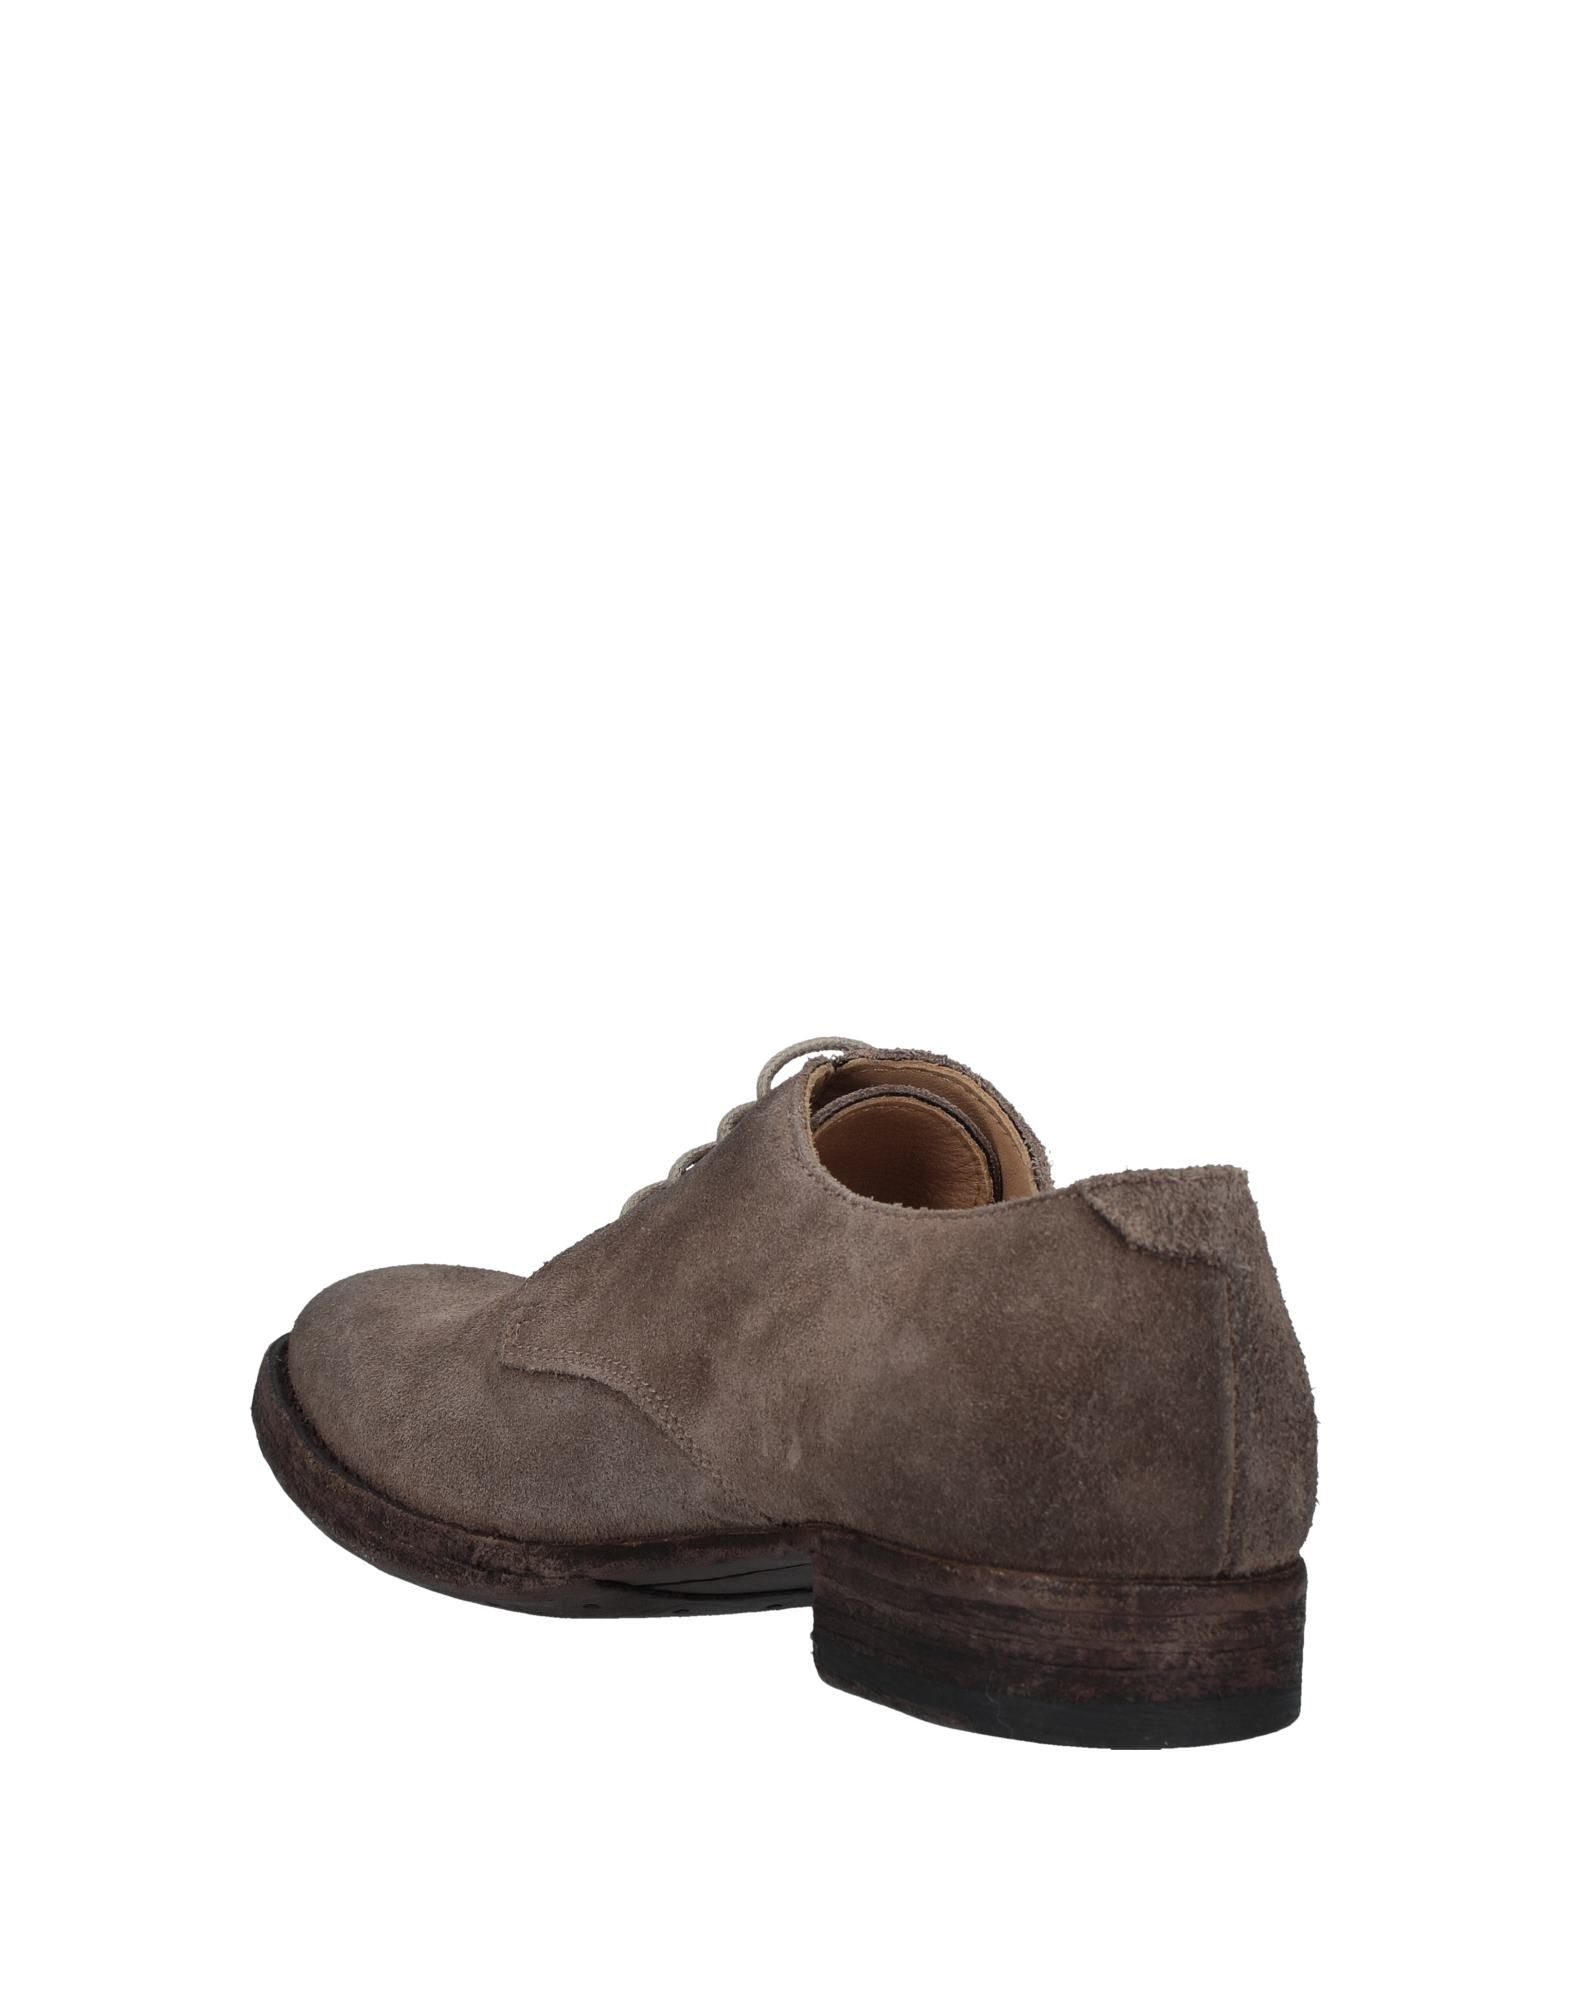 Gut um Schnürschuhe billige Schuhe zu tragen01000010 By Boccaccini Schnürschuhe um Damen  11079489BQ 20dcc8